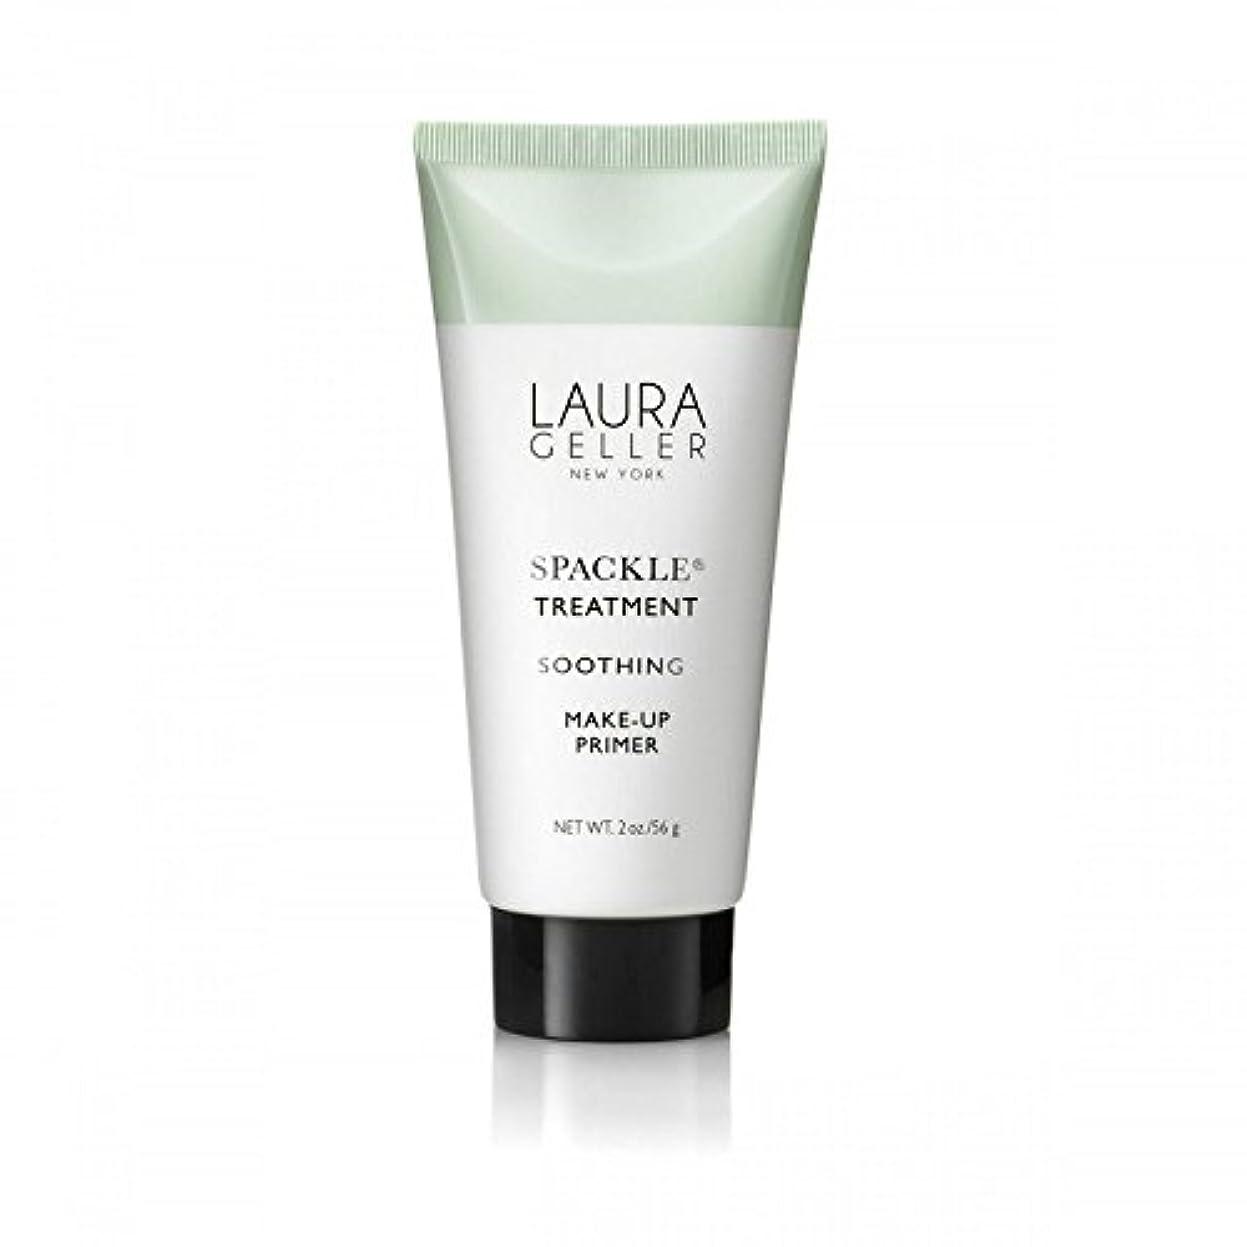 韓国薬剤師執着Laura Geller Spackle Treatment Under Make-Up Primer Soothing (Pack of 6) - メイクアッププライマー癒しの下のローラ?ゲラー 処理 x6 [並行輸入品]